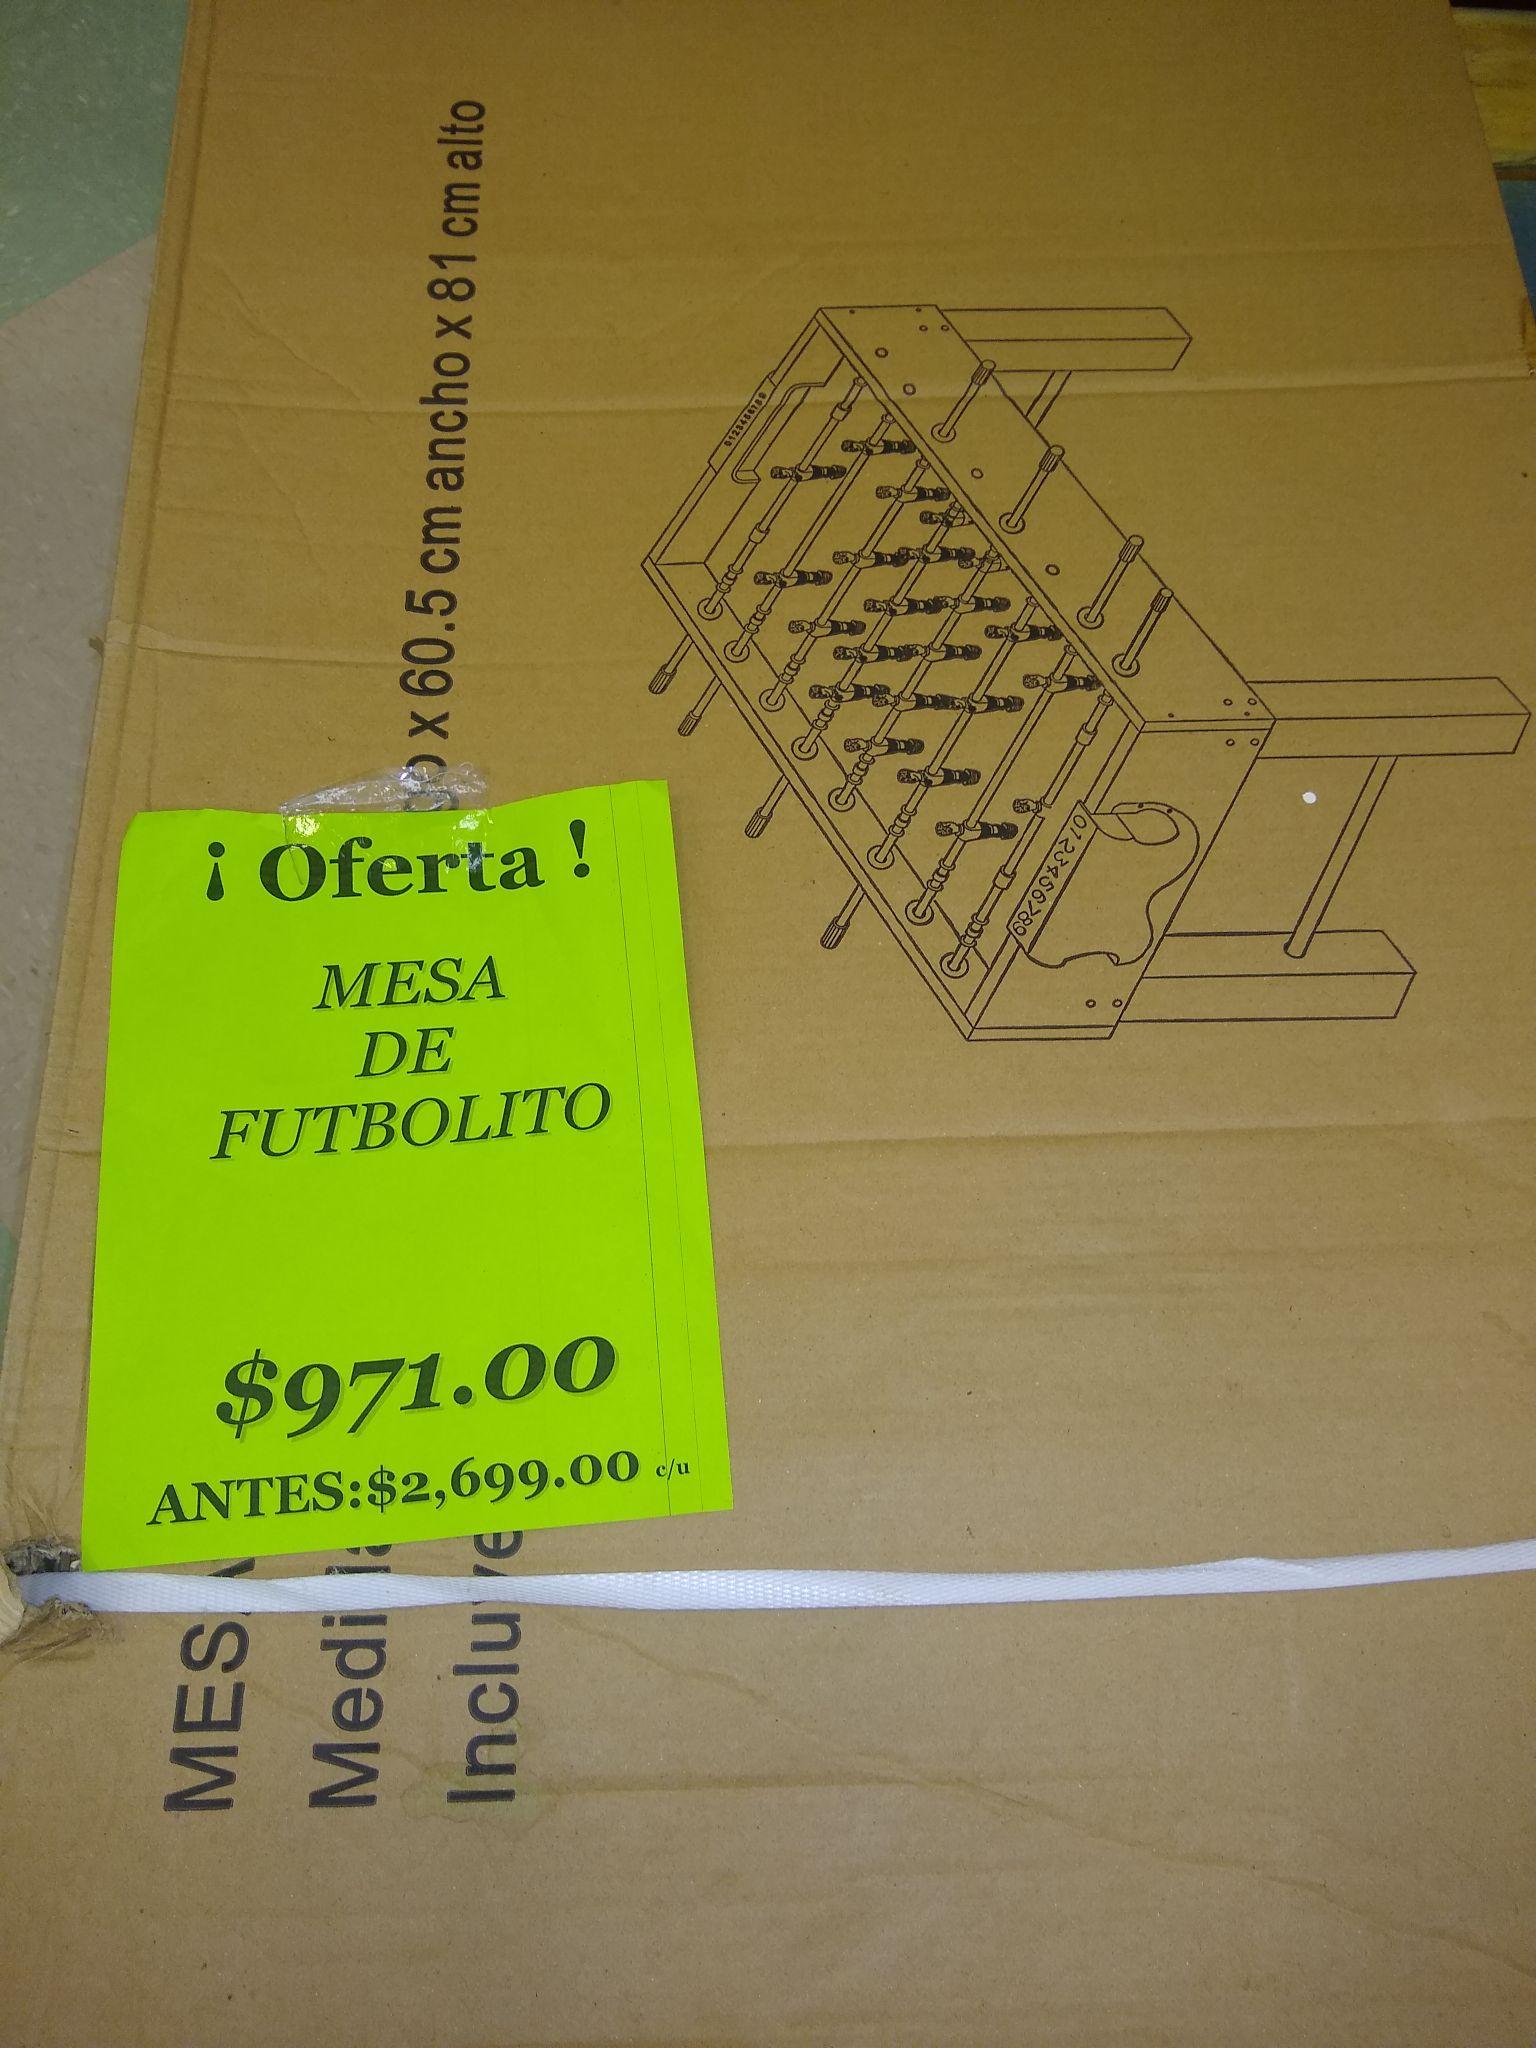 Soriana palmar, futbolito De $2,699 a $971